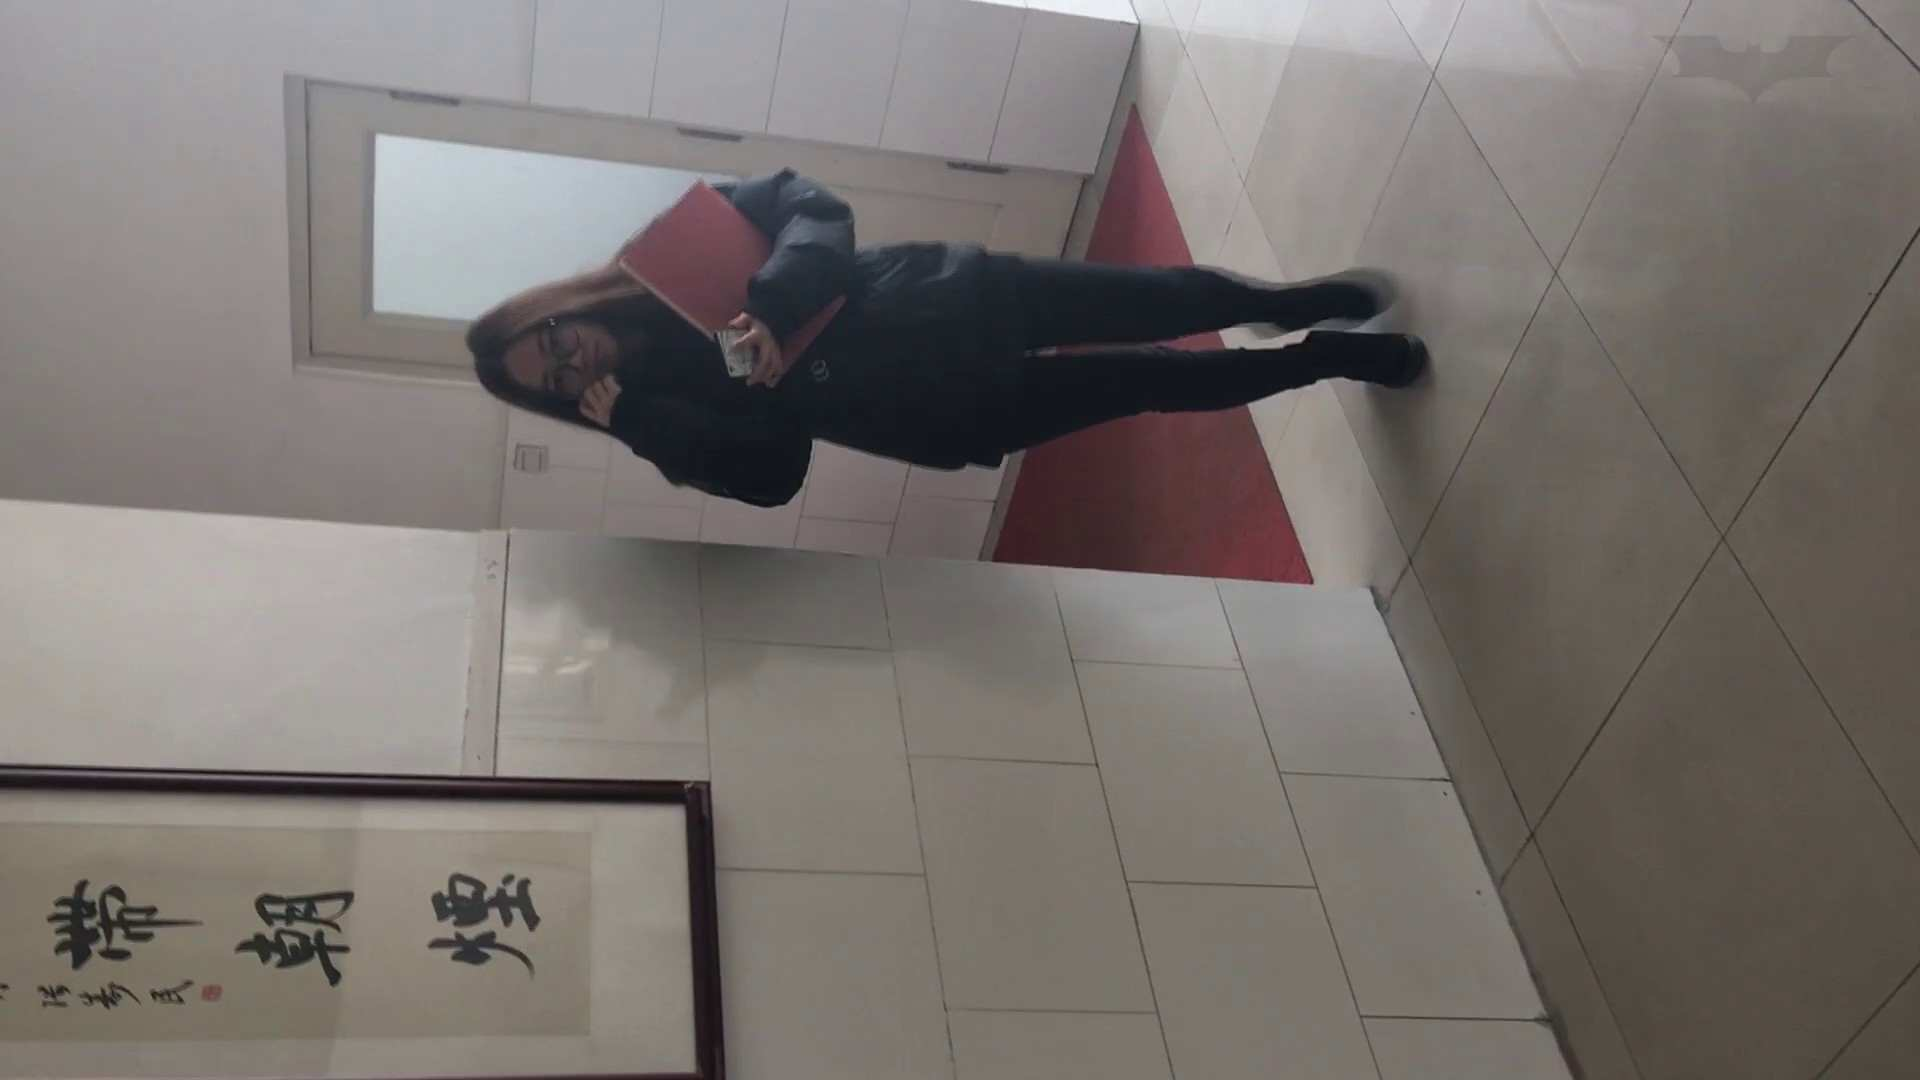 芸術大学ガチ潜入盗撮 JD盗撮 美女の洗面所の秘密 Vol.88 細身・スレンダー エロ画像 16画像 5